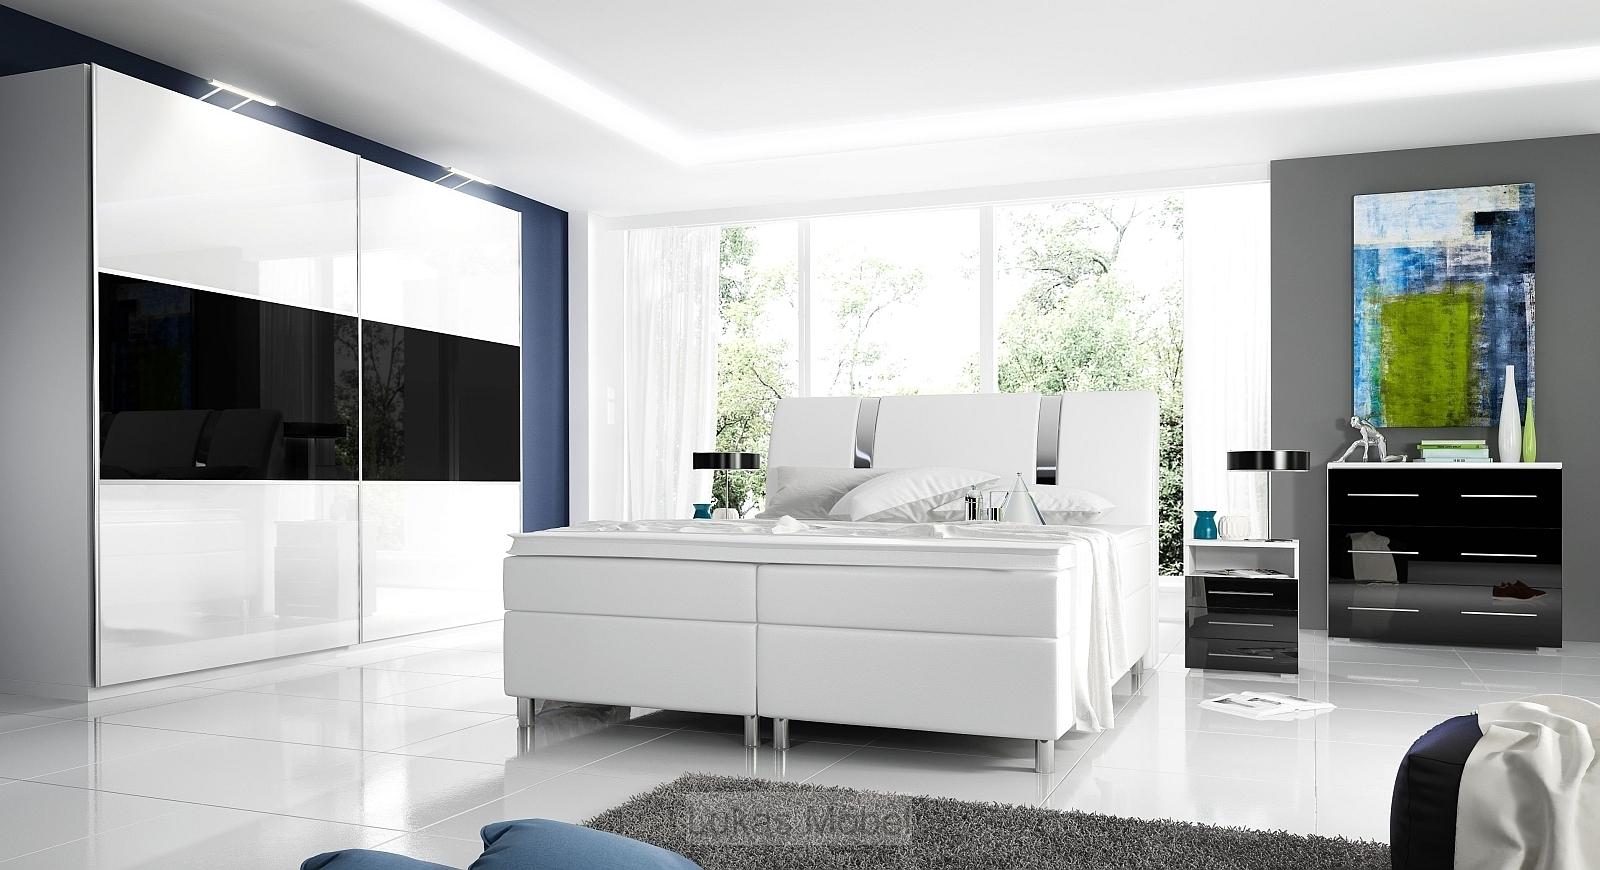 Full Size of Schlafzimmer Komplett Schwarz Weiss Schwarzeiche Hochglanz Rivabox Weiß Deckenleuchte Günstige Bett 160x200 Wandlampe Weißes Regal Mit überbau Set Matratze Wohnzimmer Schlafzimmer Komplett Schwarz